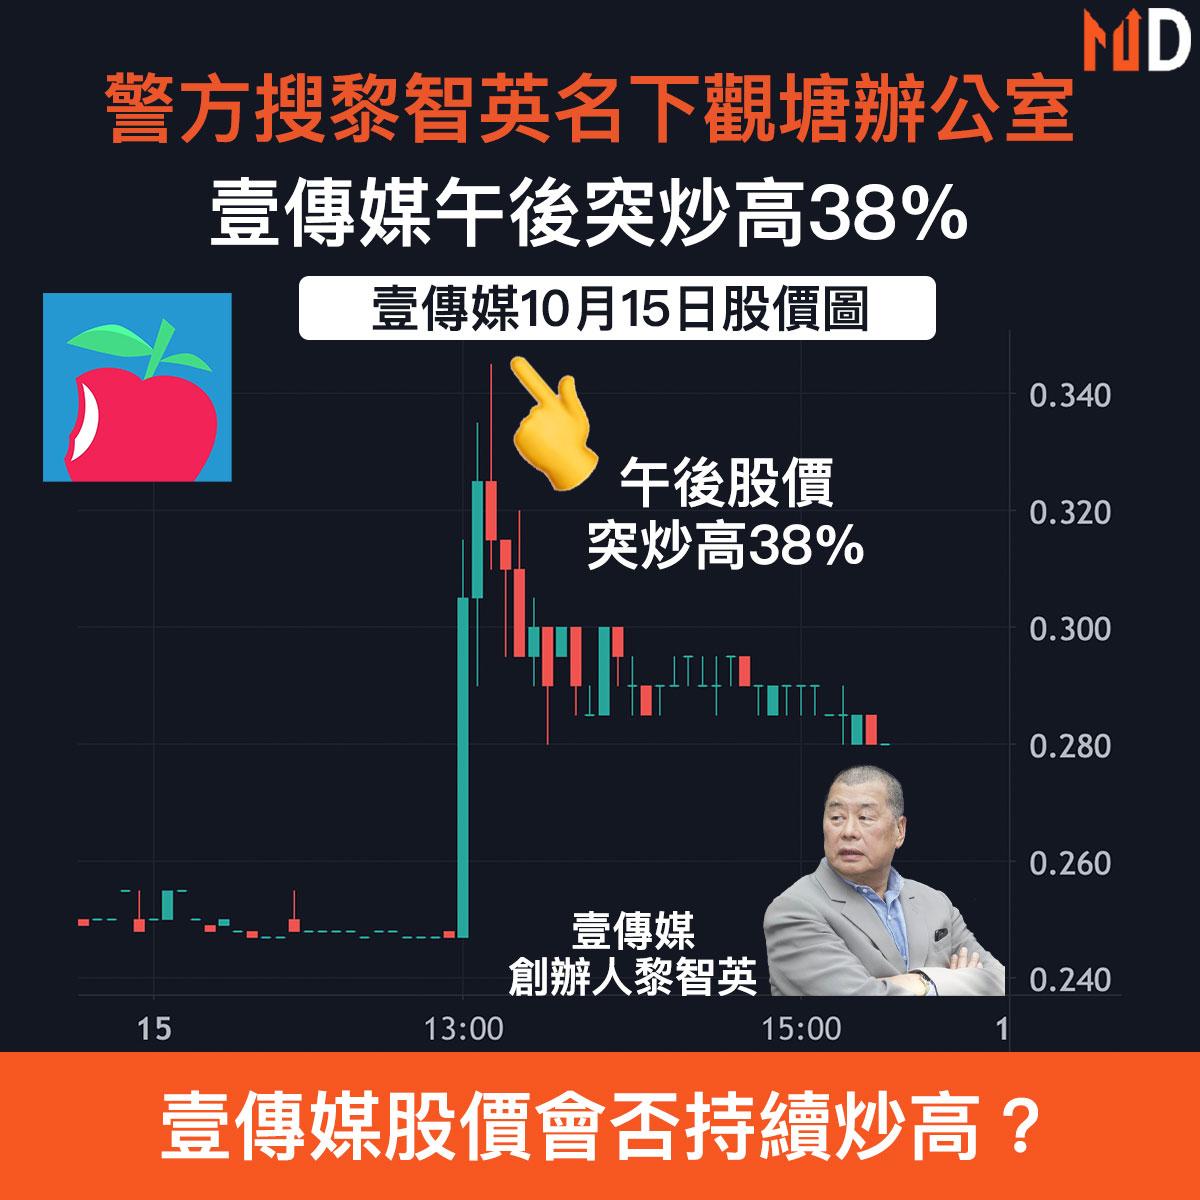 壹傳媒股價再現異動!